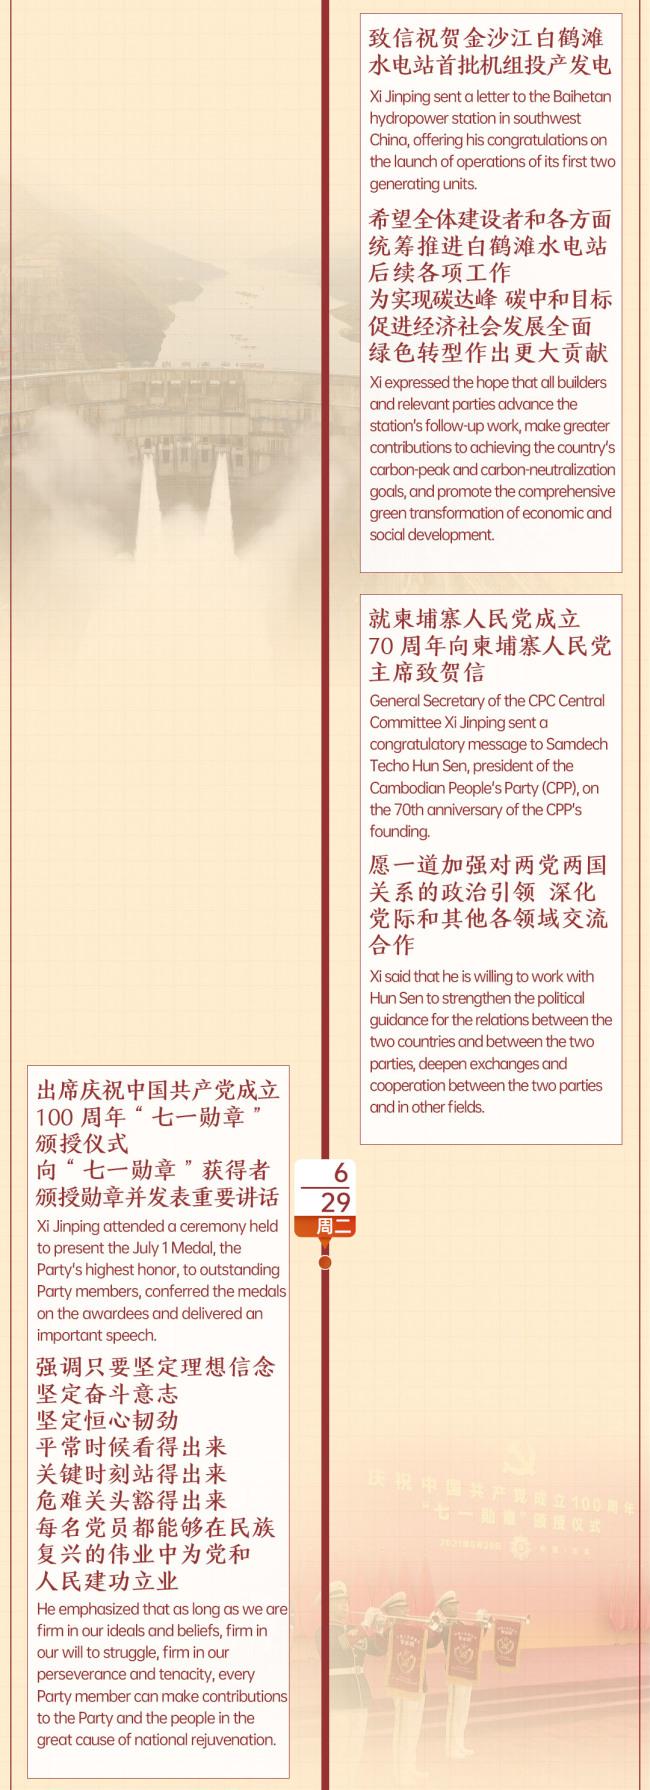 时政微周刊丨总书记的一周(6月28日—7月4日)